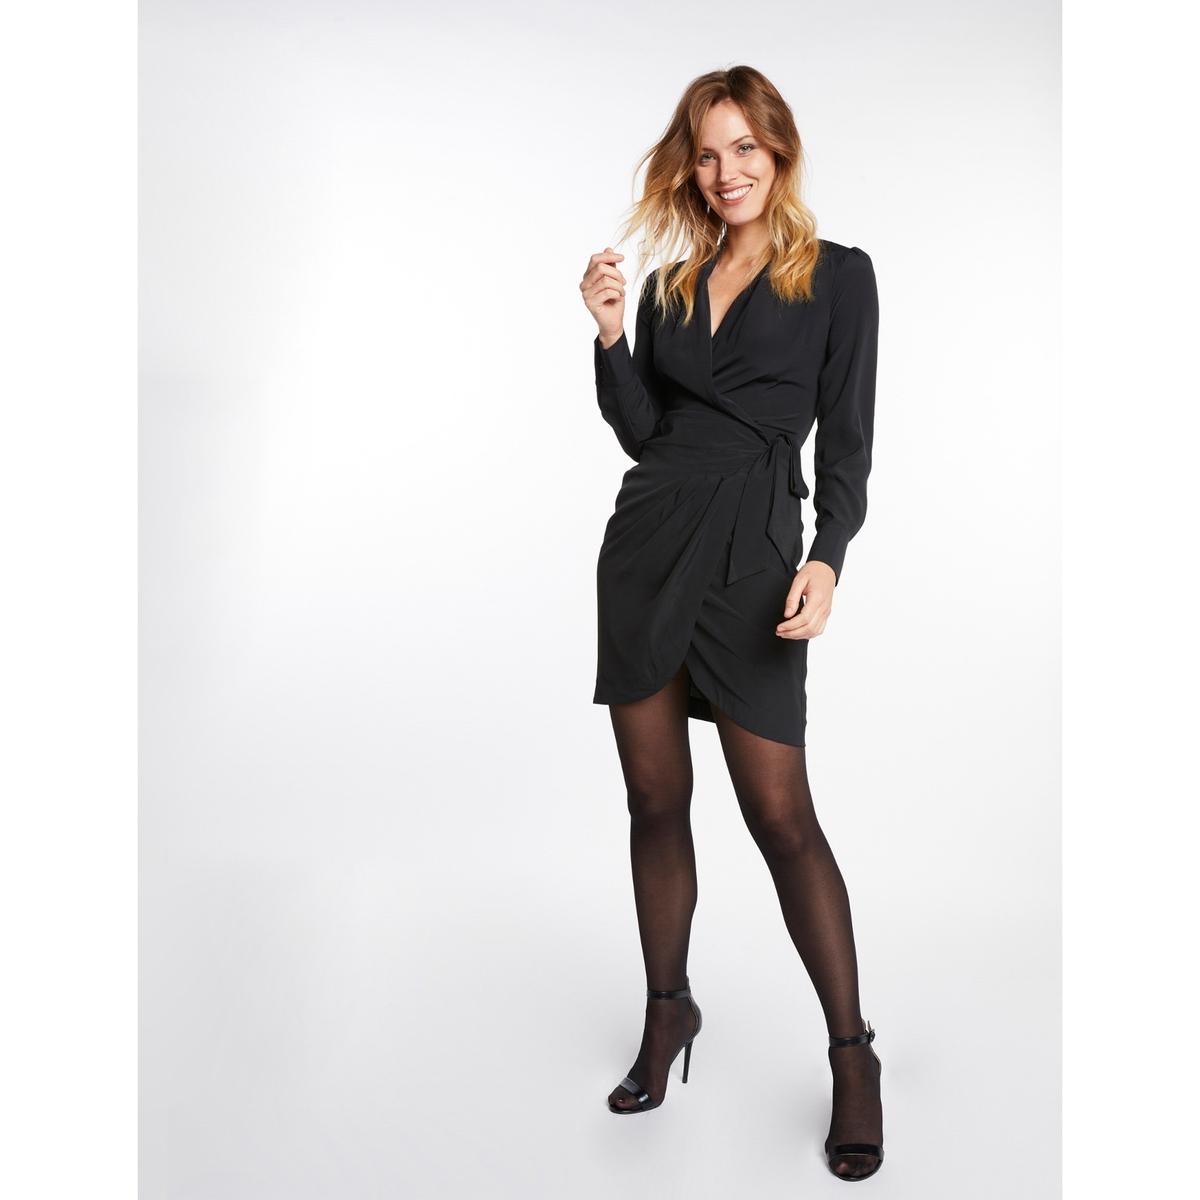 Платье La Redoute Короткое с запахом с длинными рукавами 42 (FR) - 48 (RUS) черный платье la redoute короткое прямое с короткими рукавами 42 fr 48 rus черный